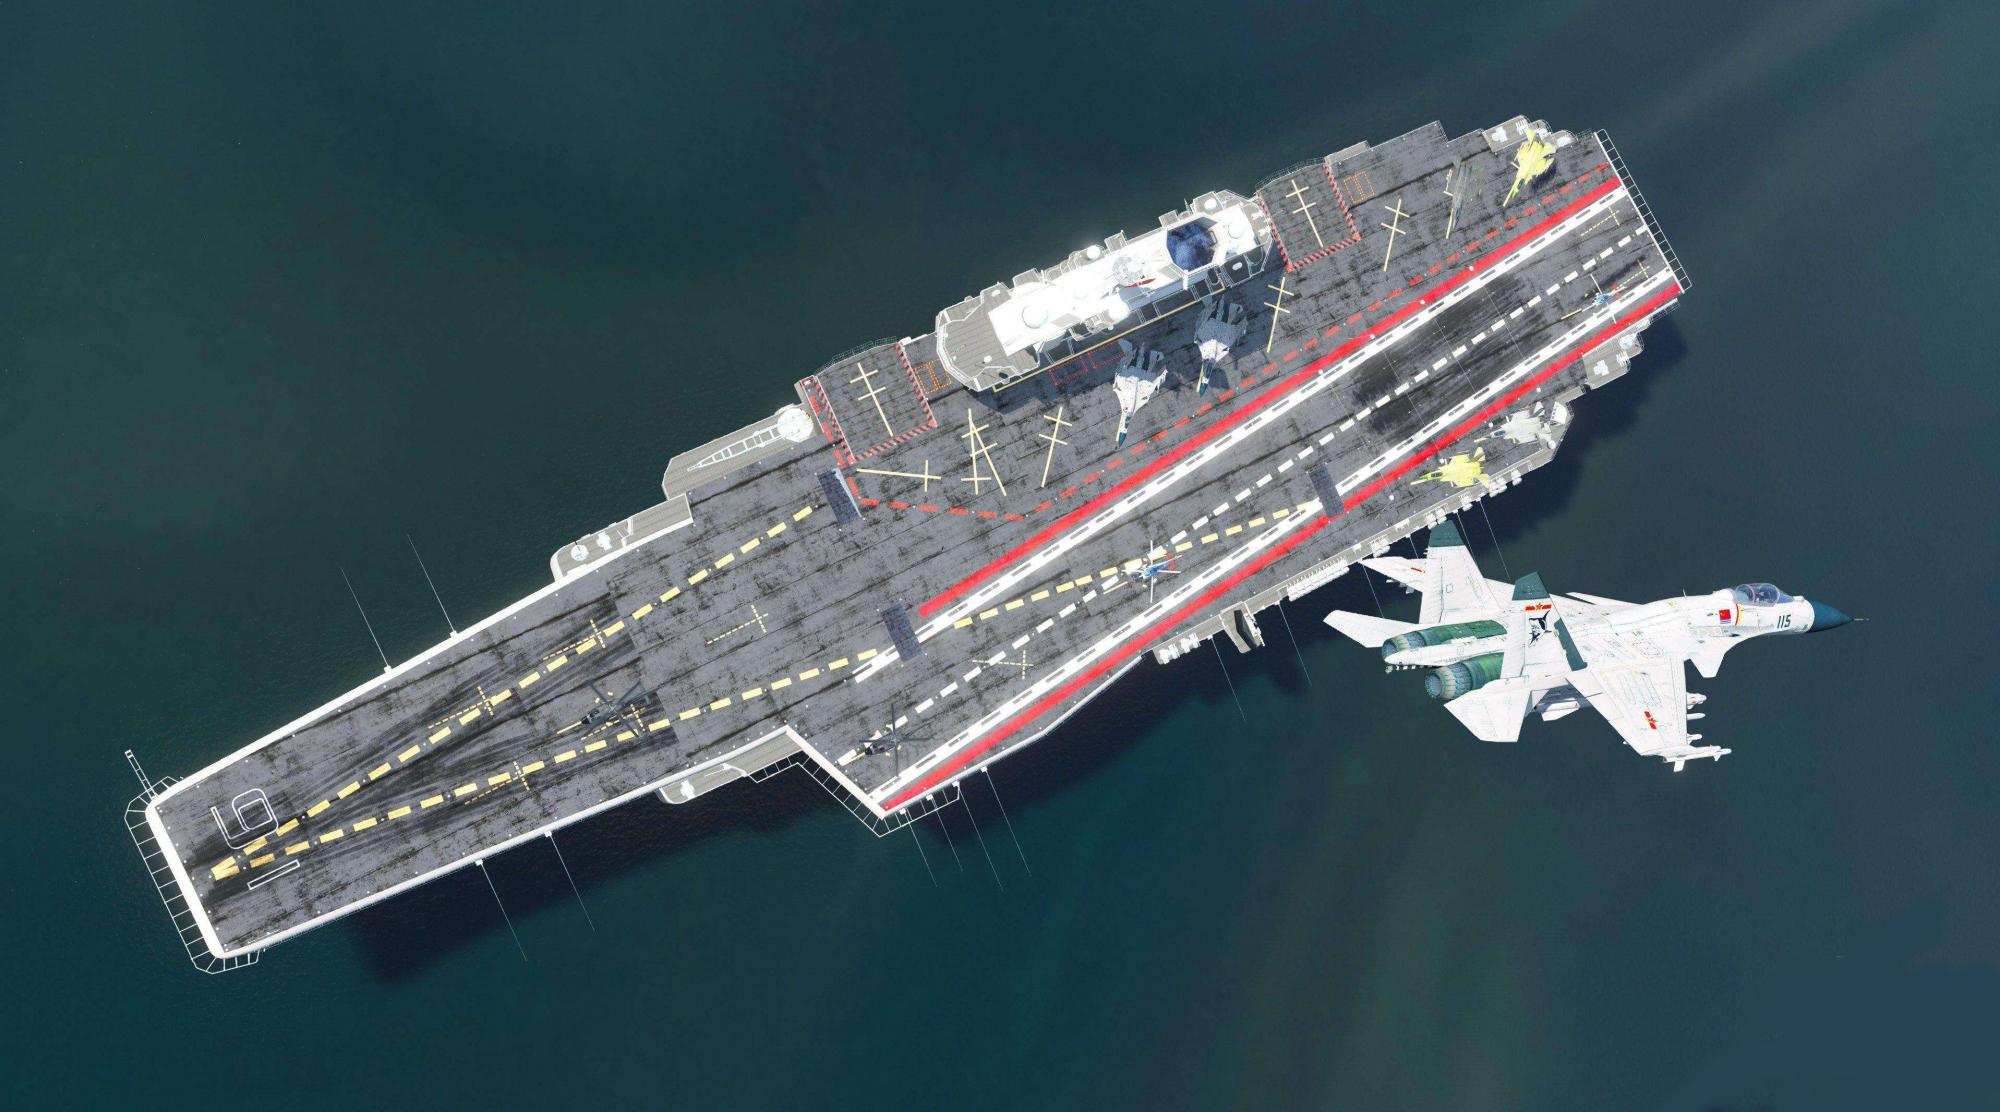 """辽宁舰与""""伊丽莎白女王""""号对上,谁的胜算更大?一切要看舰载机"""